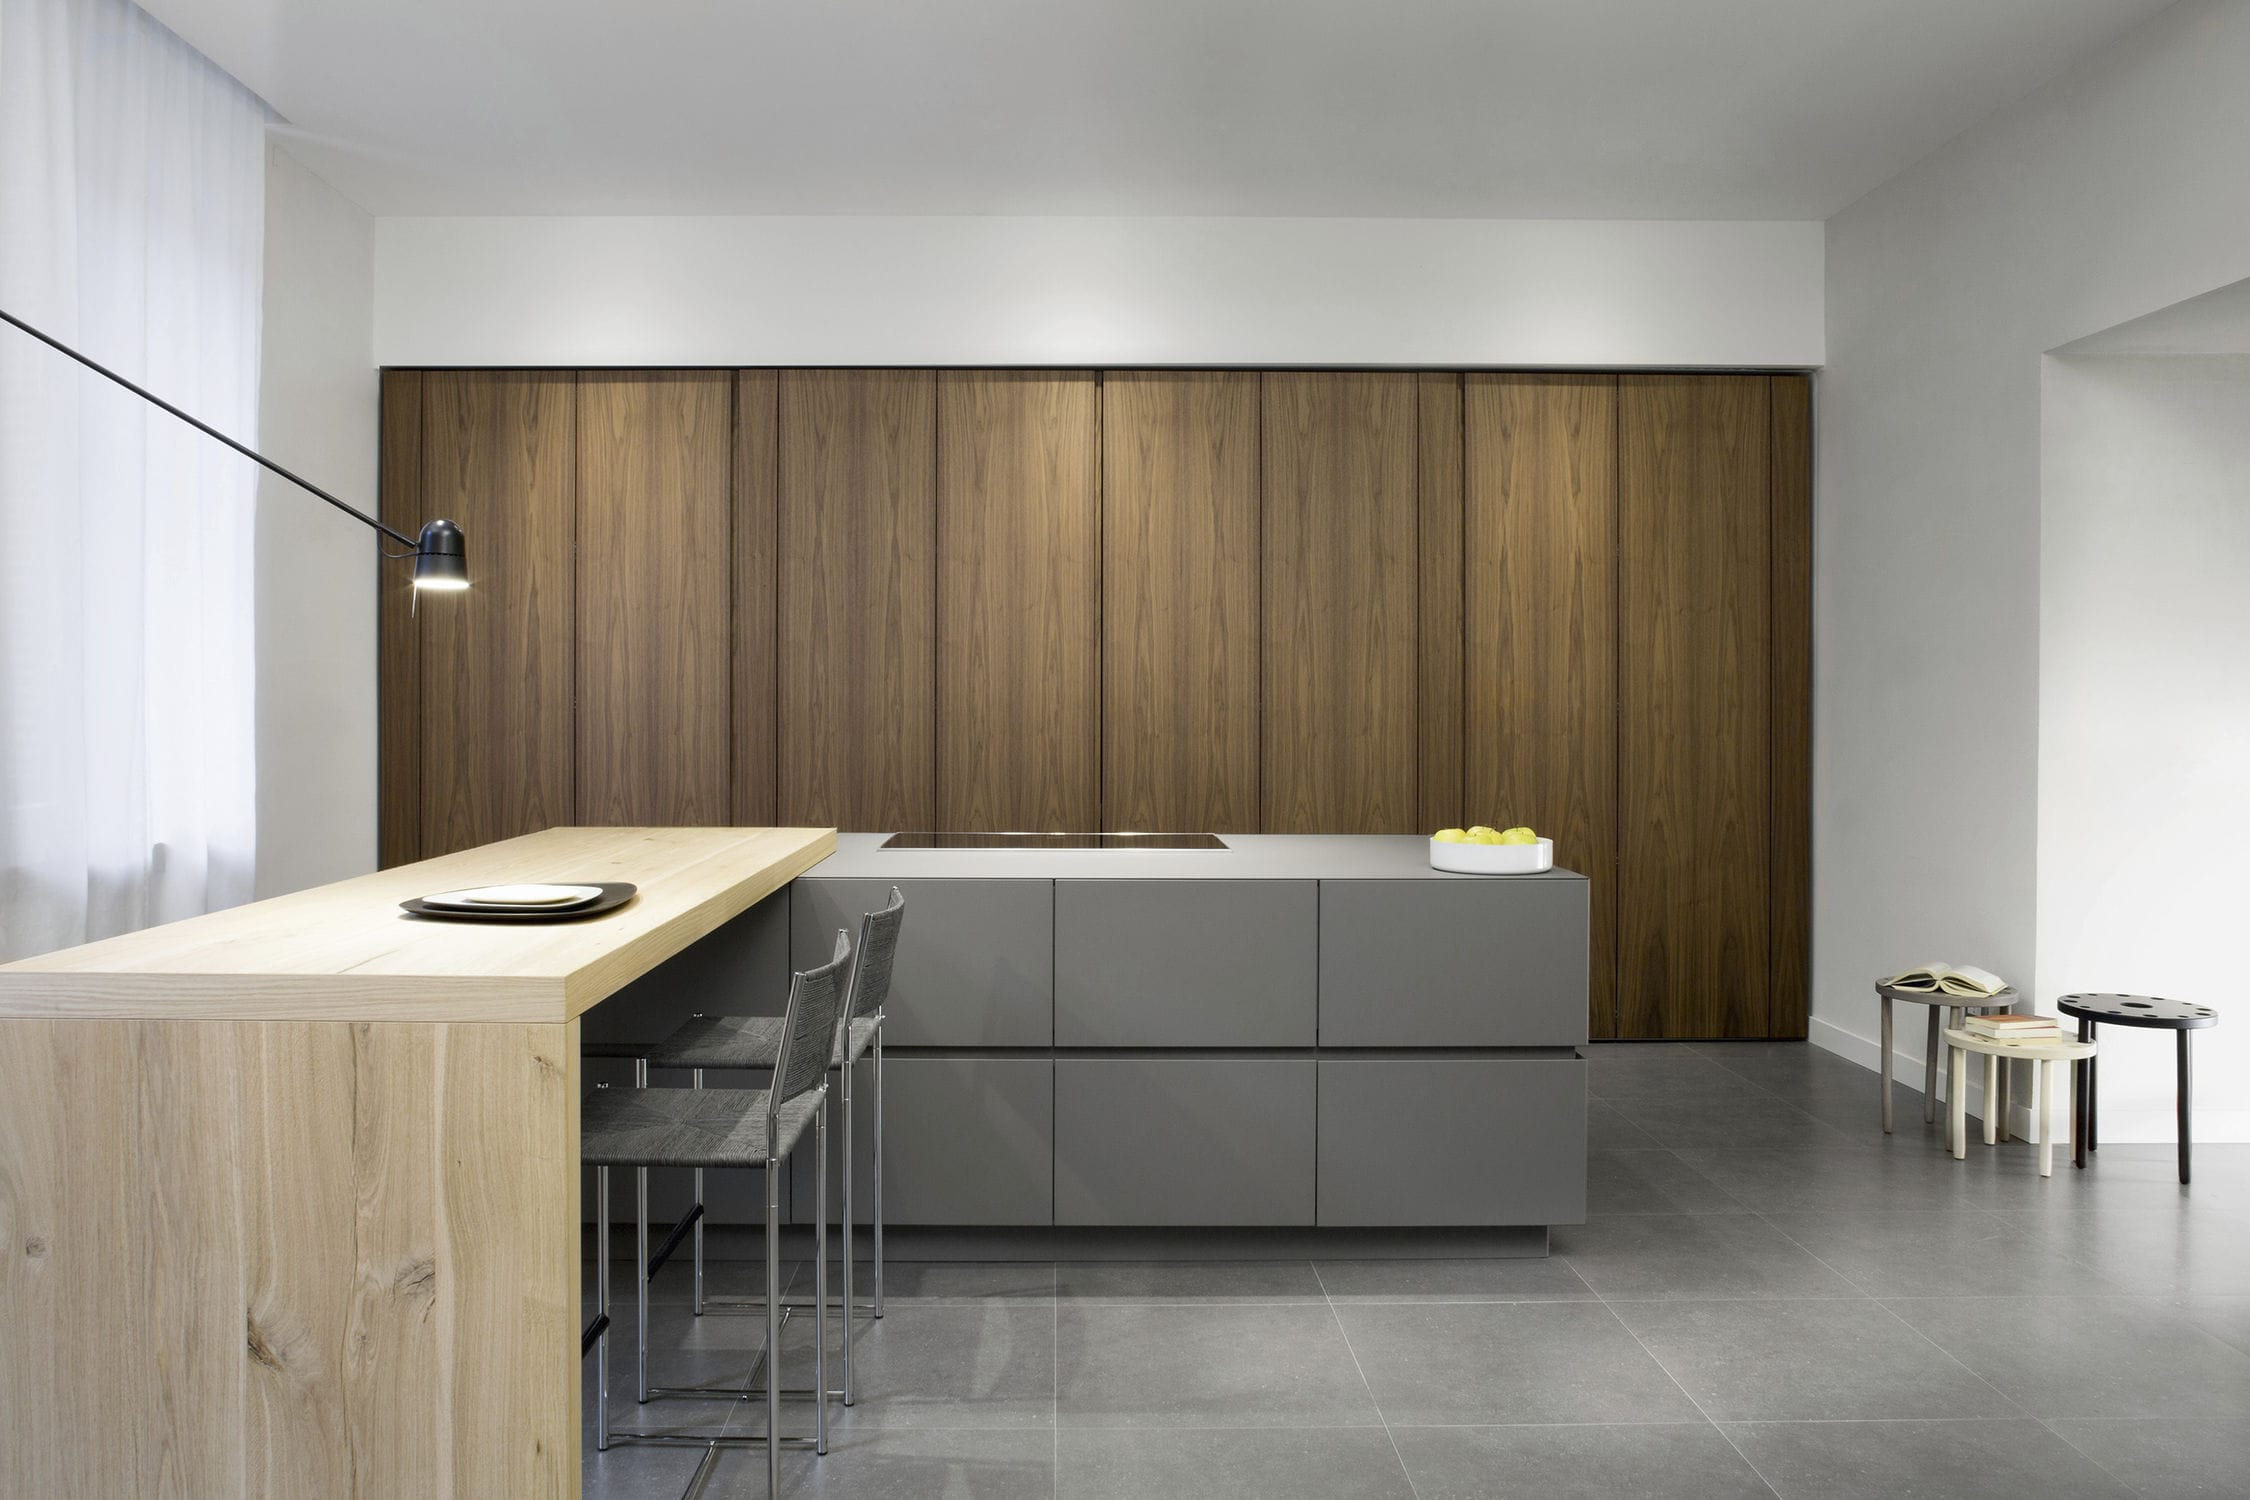 Küche Nussbaum | Moderne Kuche Stahl Lackiertes Holz Nussbaum 20140902 12